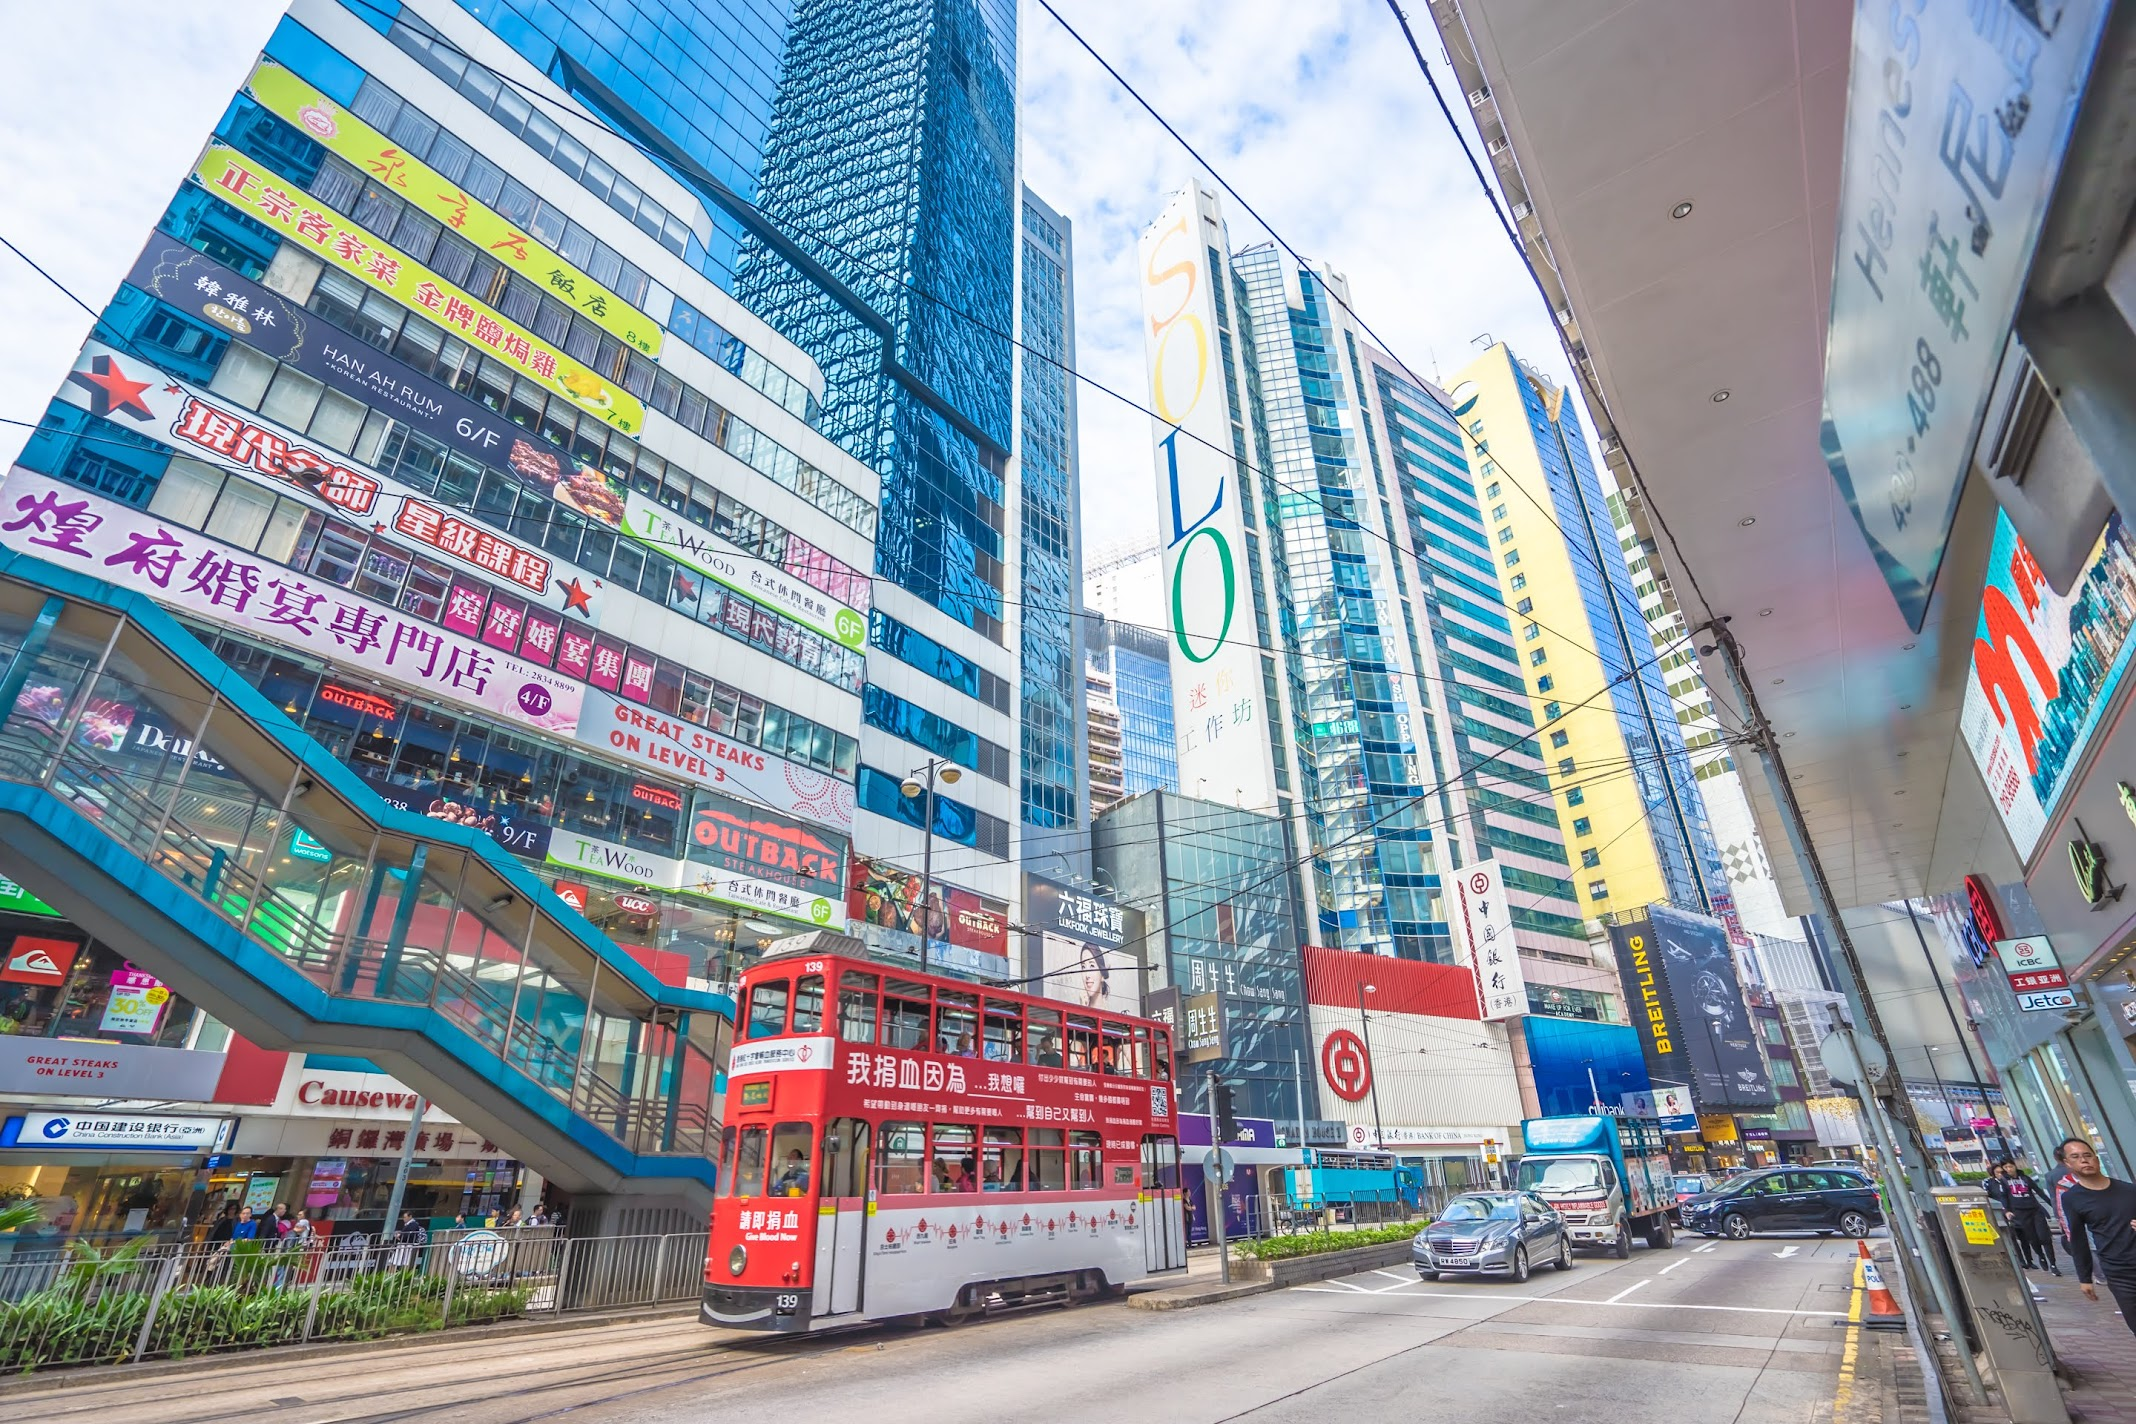 香港旅行記 その8 海景樓・北角(春秧街マーケット)・銅鑼灣 – KOSUBLOG